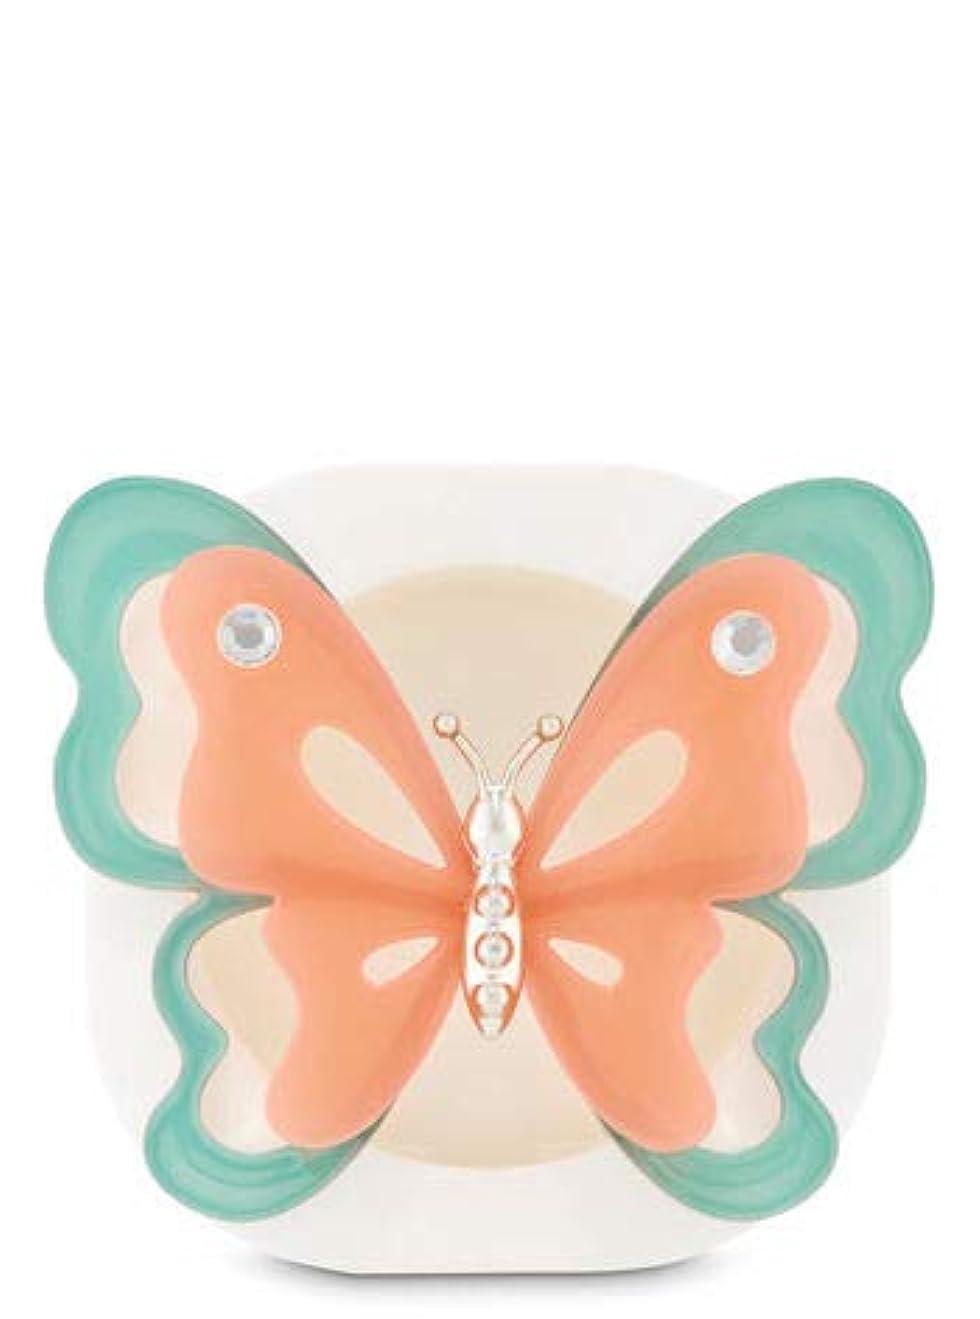 土砂降りお尻特異な【Bath&Body Works/バス&ボディワークス】 クリップ式芳香剤 セントポータブル ホルダー (本体ケースのみ) バタフライ Scentportable Holder Butterfly [並行輸入品]